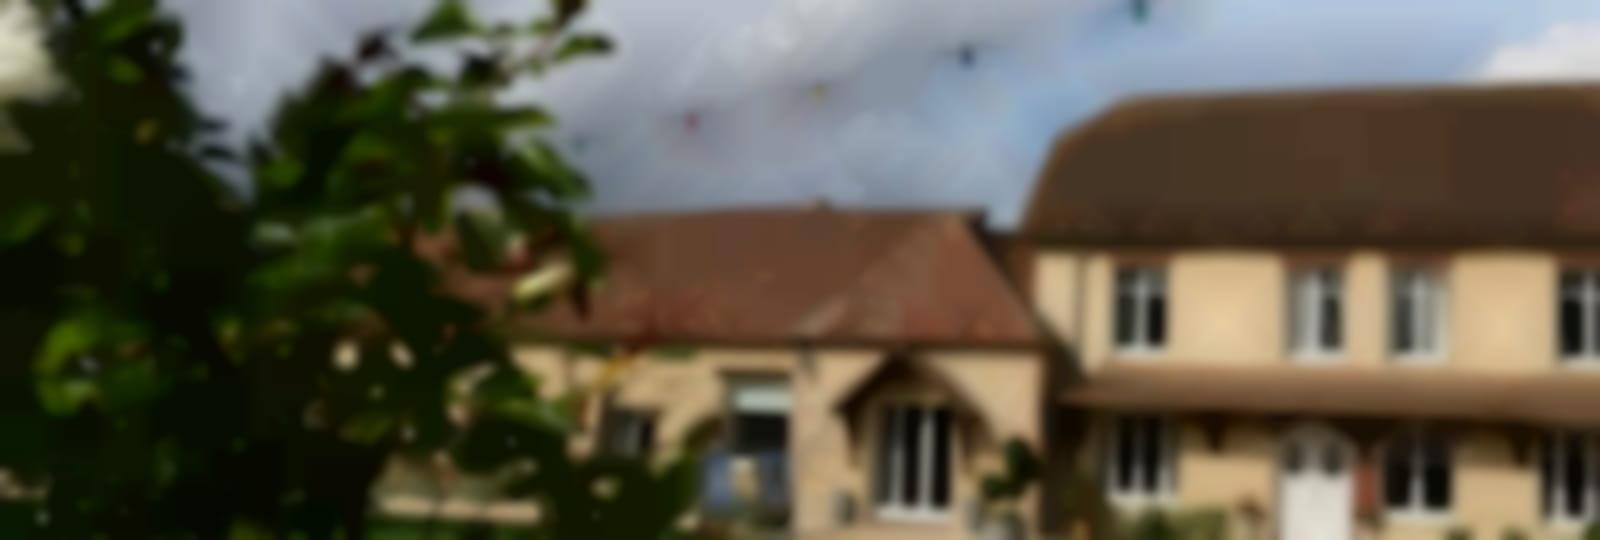 Domaine de la Thibaudière